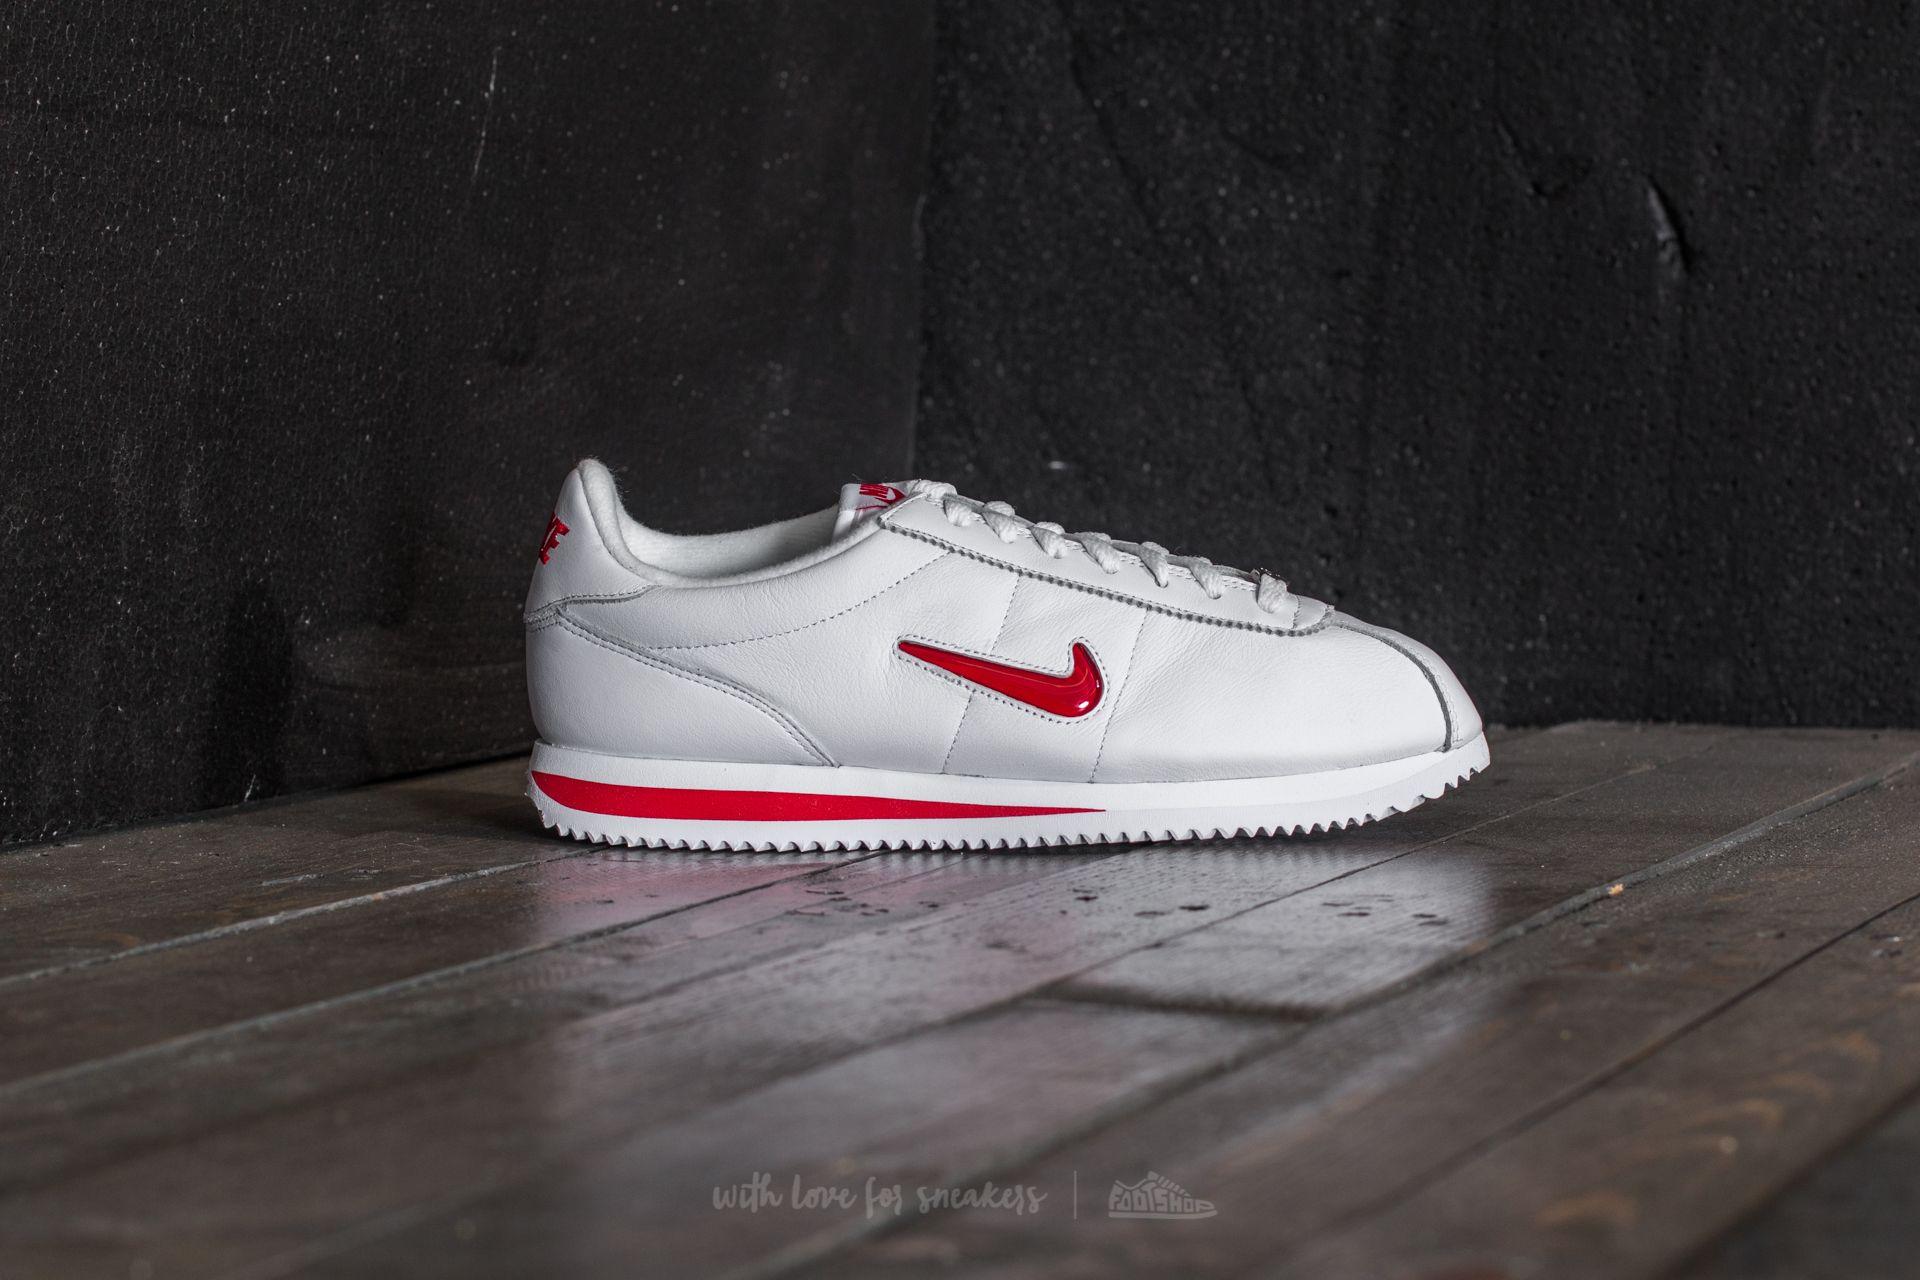 new style bebb0 e627e Nike Cortez Basic Jewel QS TZ White/ University Red   Footshop